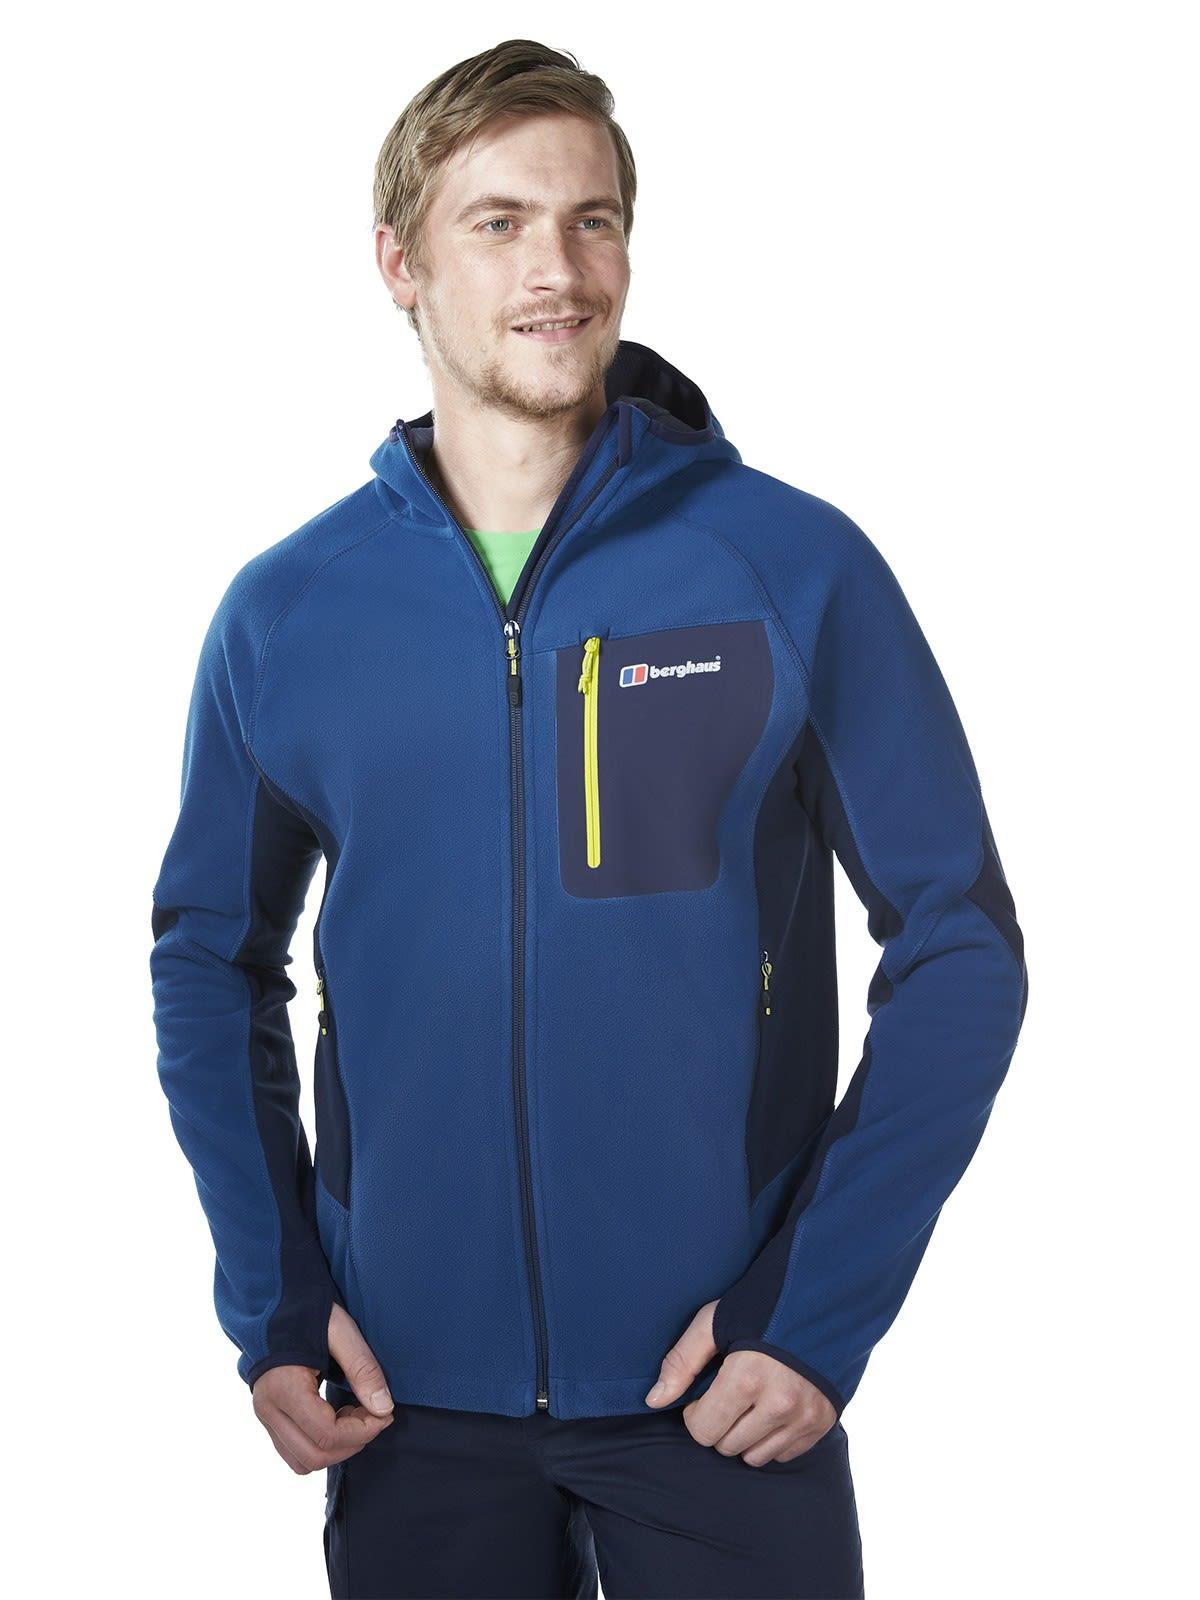 Berghaus BEN OShort-Sleeve Windproof Hooded Jacket Blau, Male Fleecejacke, L